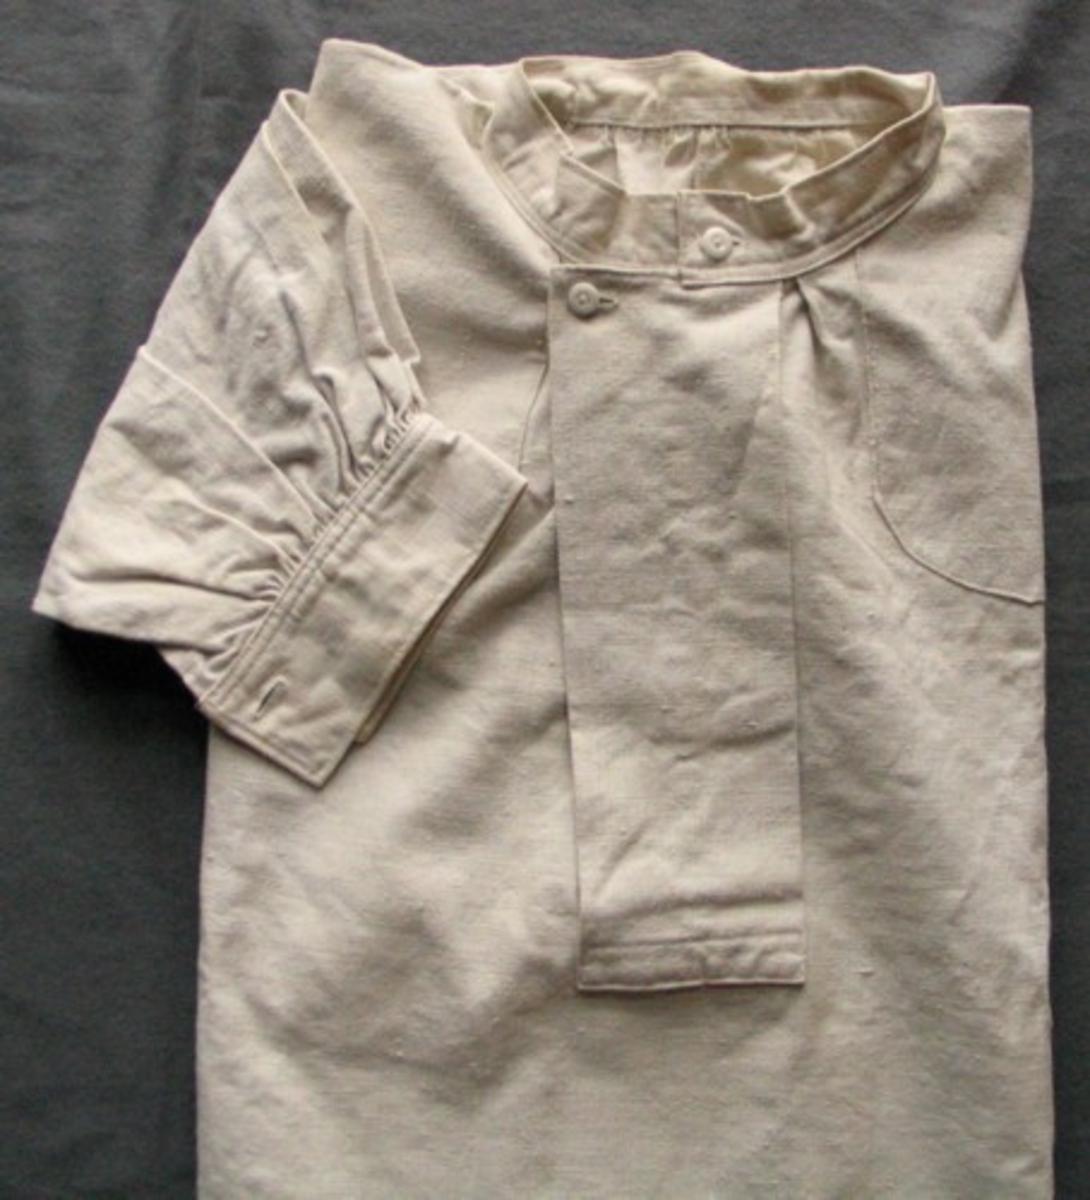 """Maskinsydd mansskjorta, oanvänd. Liten krage, 3 cm. Förstärkt med dubbelt tyg över axlarna. Ärmen är isydd med två lagda veck fram och två bak på axeln. 4,7 cm manchett, ärmsprund 7 cm. 2 vita porslinsknappar i halsen och för att förslaget, samt en på varje manchett. Handsydda knapphål. Sprund nertill i sidorna, 19,5 cm.  Enligt pånålad lapp: """"Skjorta sydd vid sekelskiftet på maskin efter gammal förebild""""."""